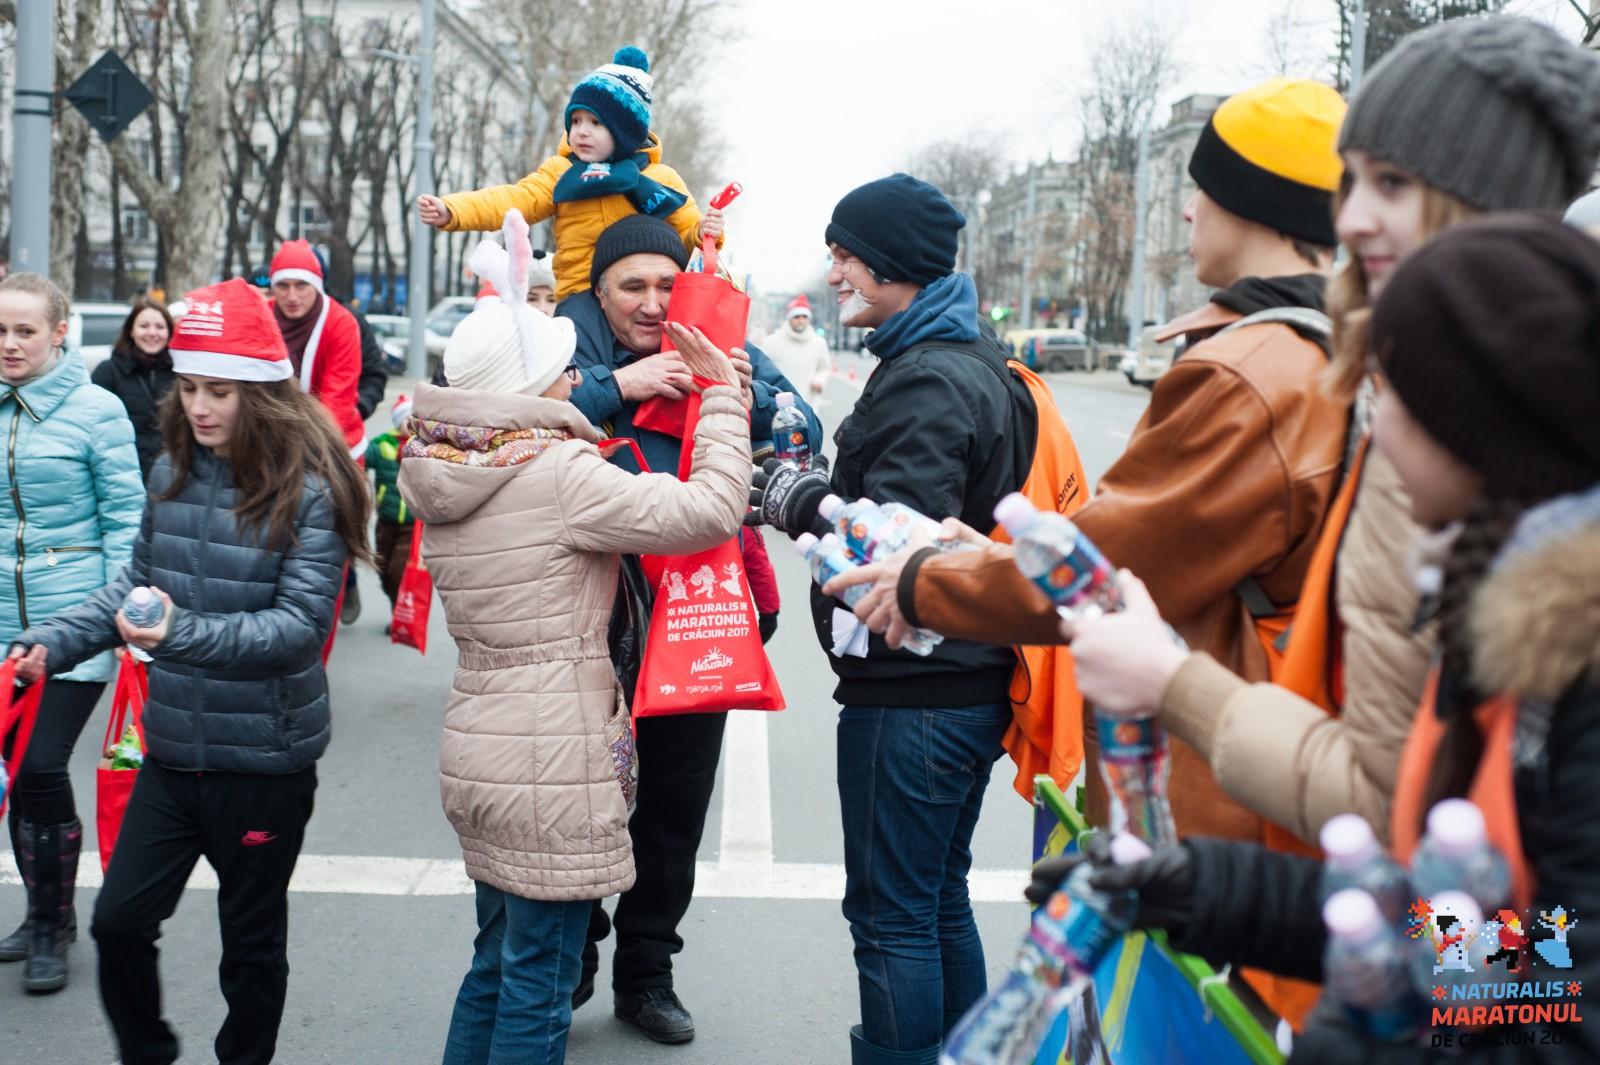 Maratonul de Crăciun a avut loc în centrul capitalei: Banii colectați vor fi donați unui băiețel care are nevoie de operație la picioare